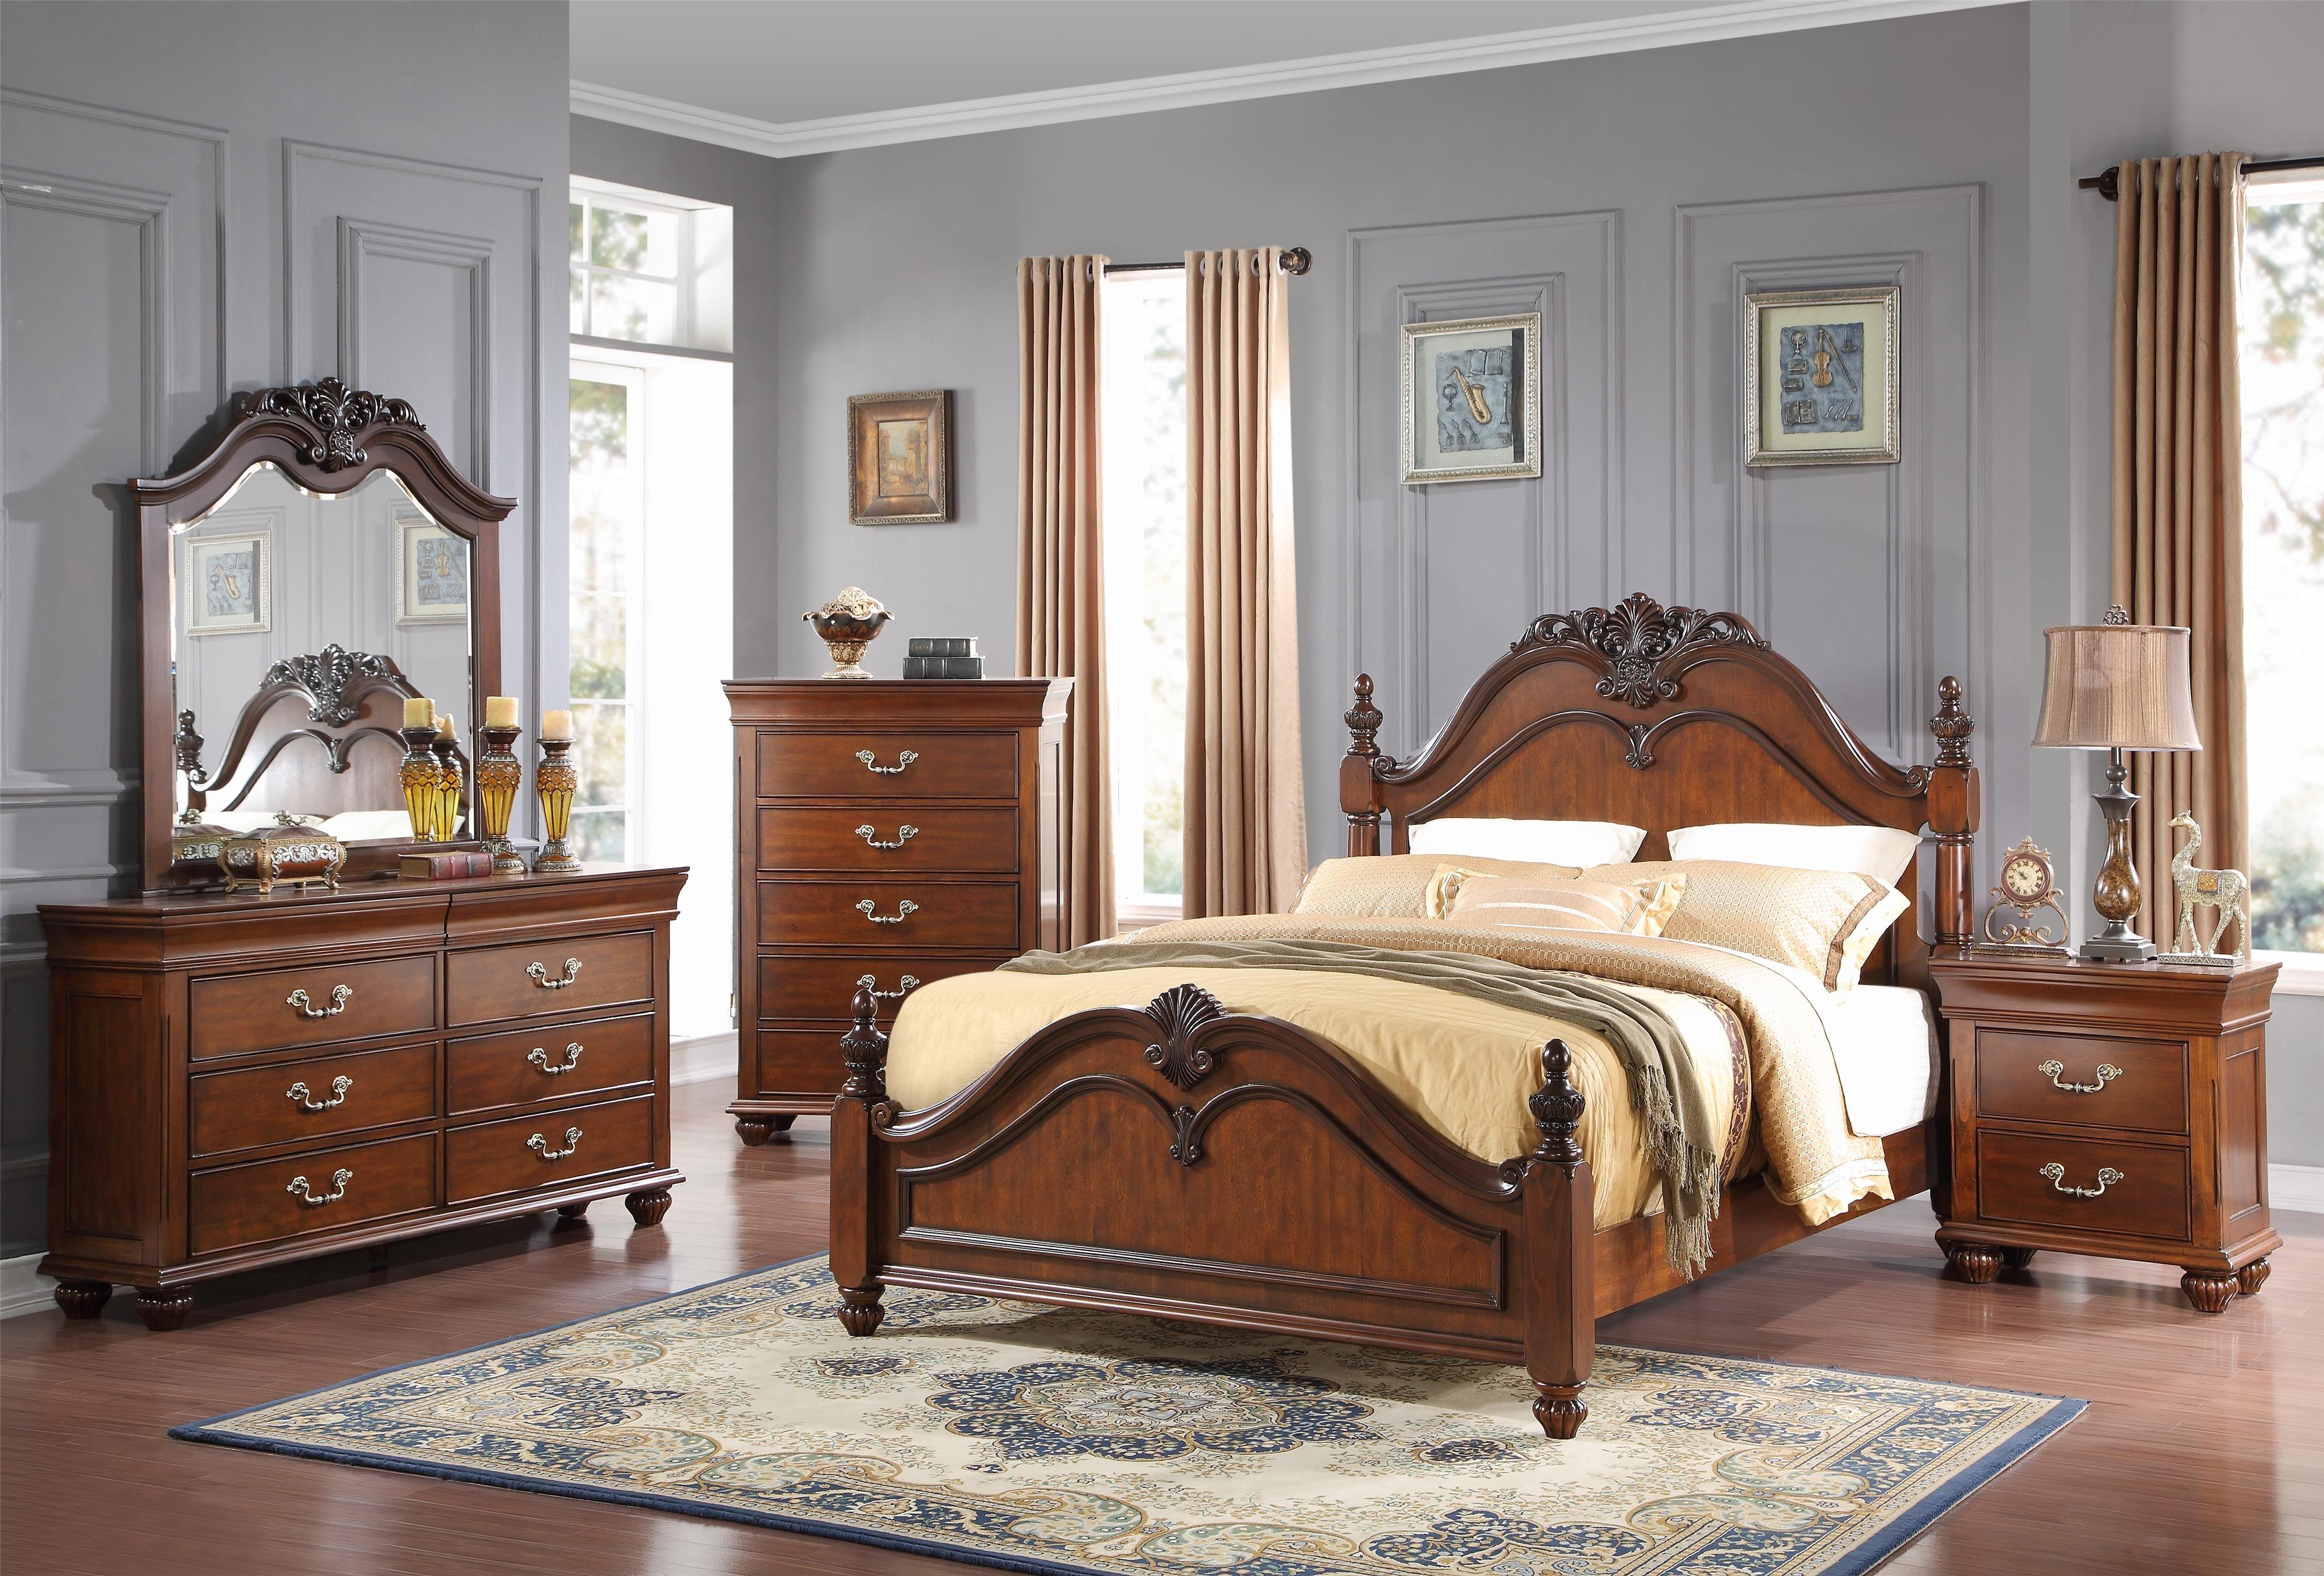 Classic Schlafzimmer Sets Schlafzimmer Design Schlafzimmer Set